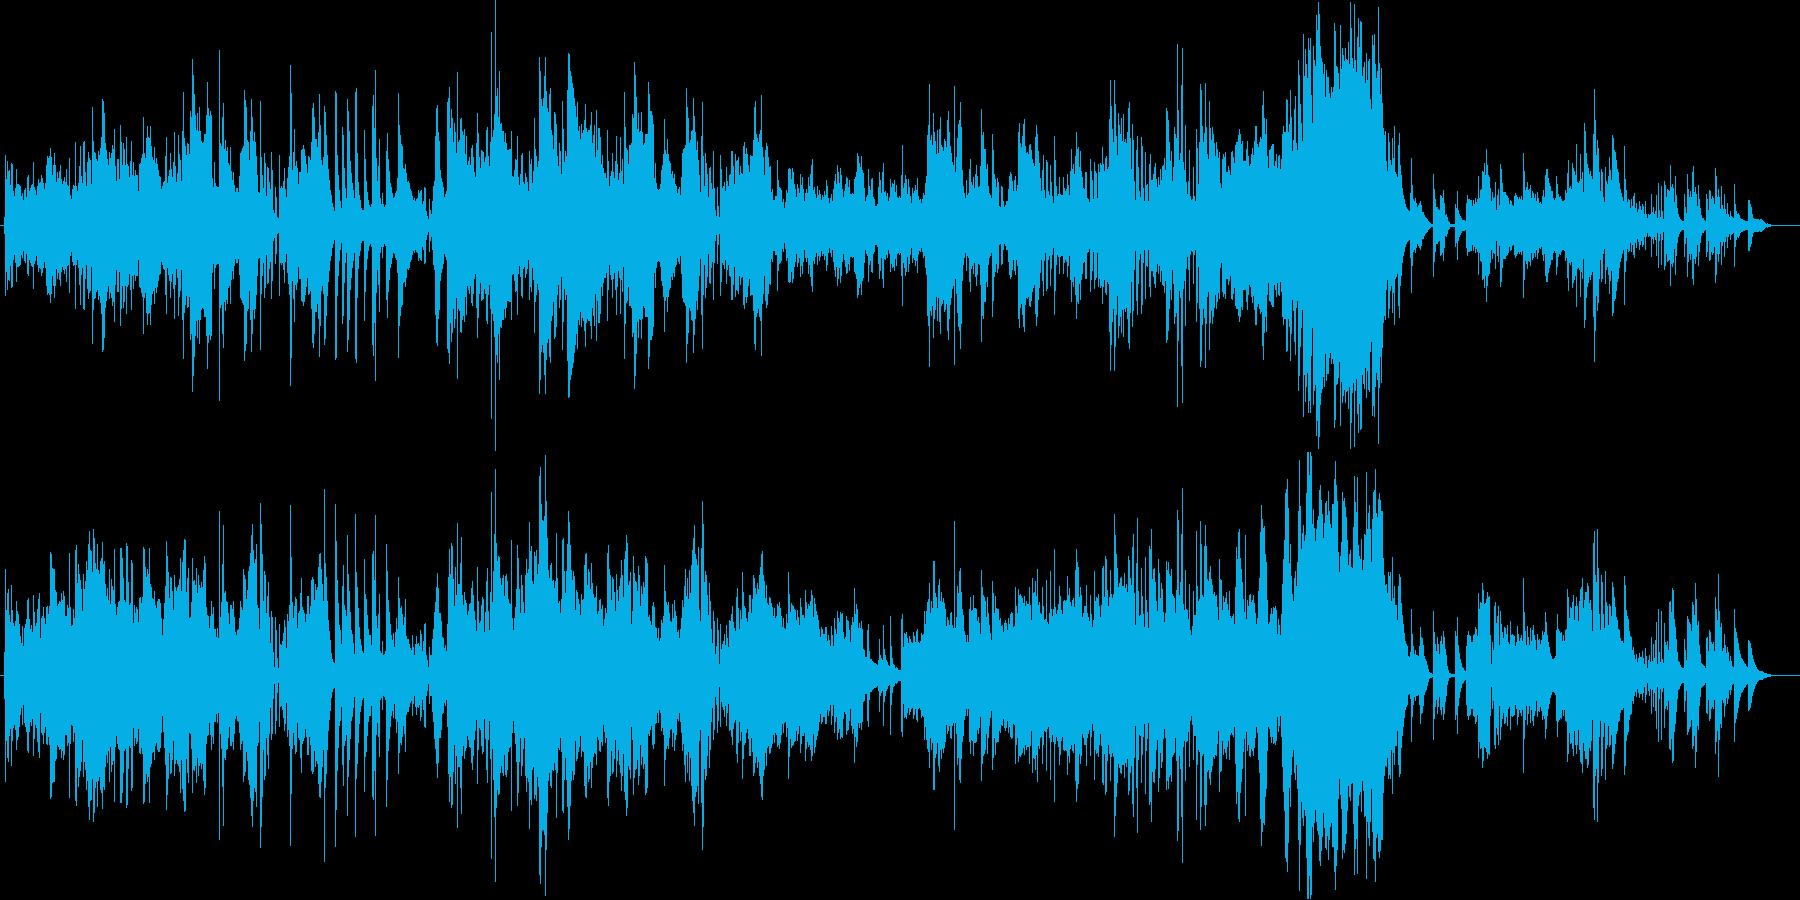 繊細なピアノの音が印象的なピアノBGMの再生済みの波形